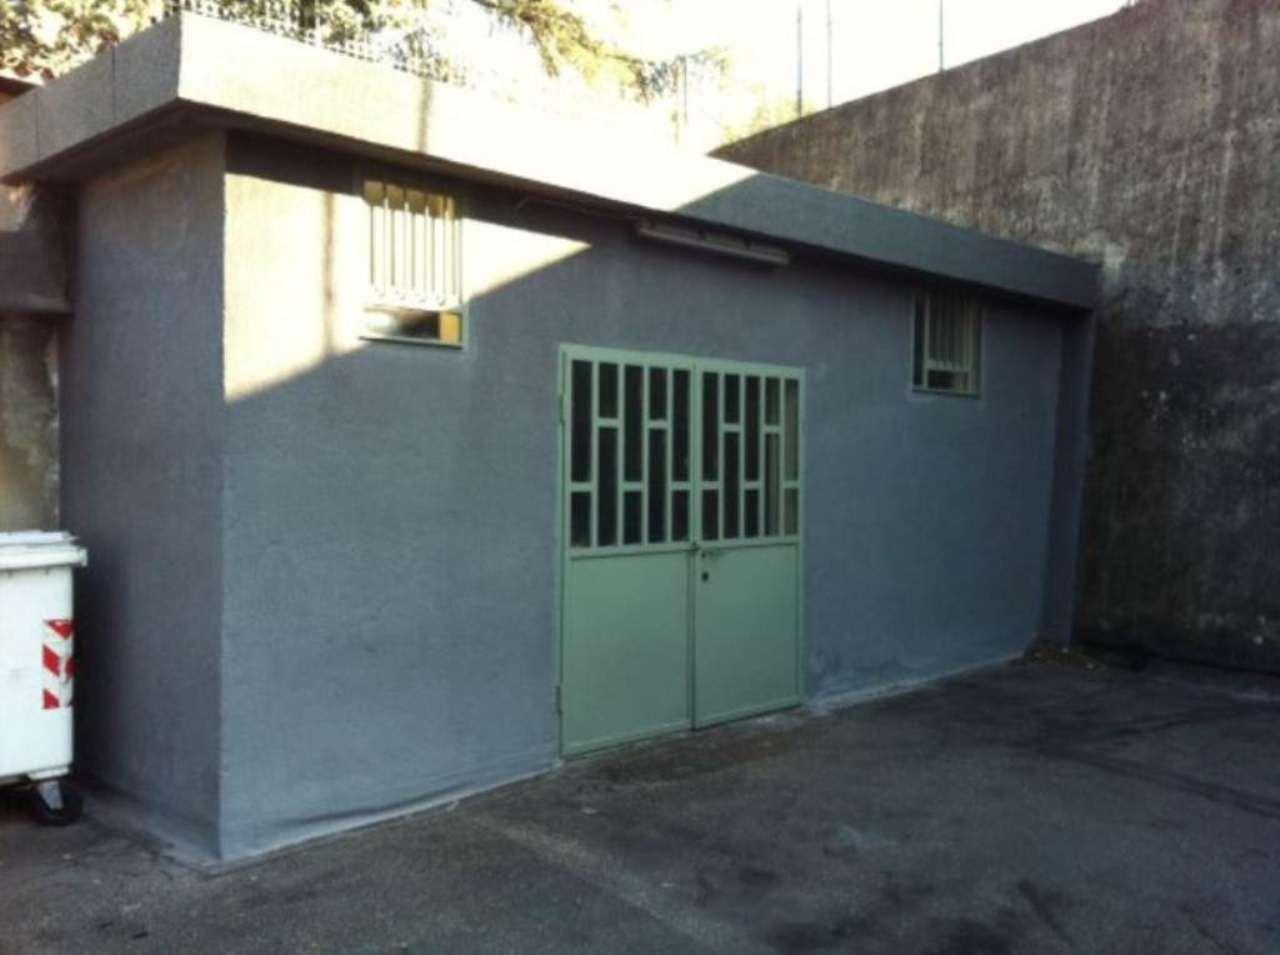 Magazzino in vendita a Avigliana, 1 locali, prezzo € 40.000 | Cambio Casa.it